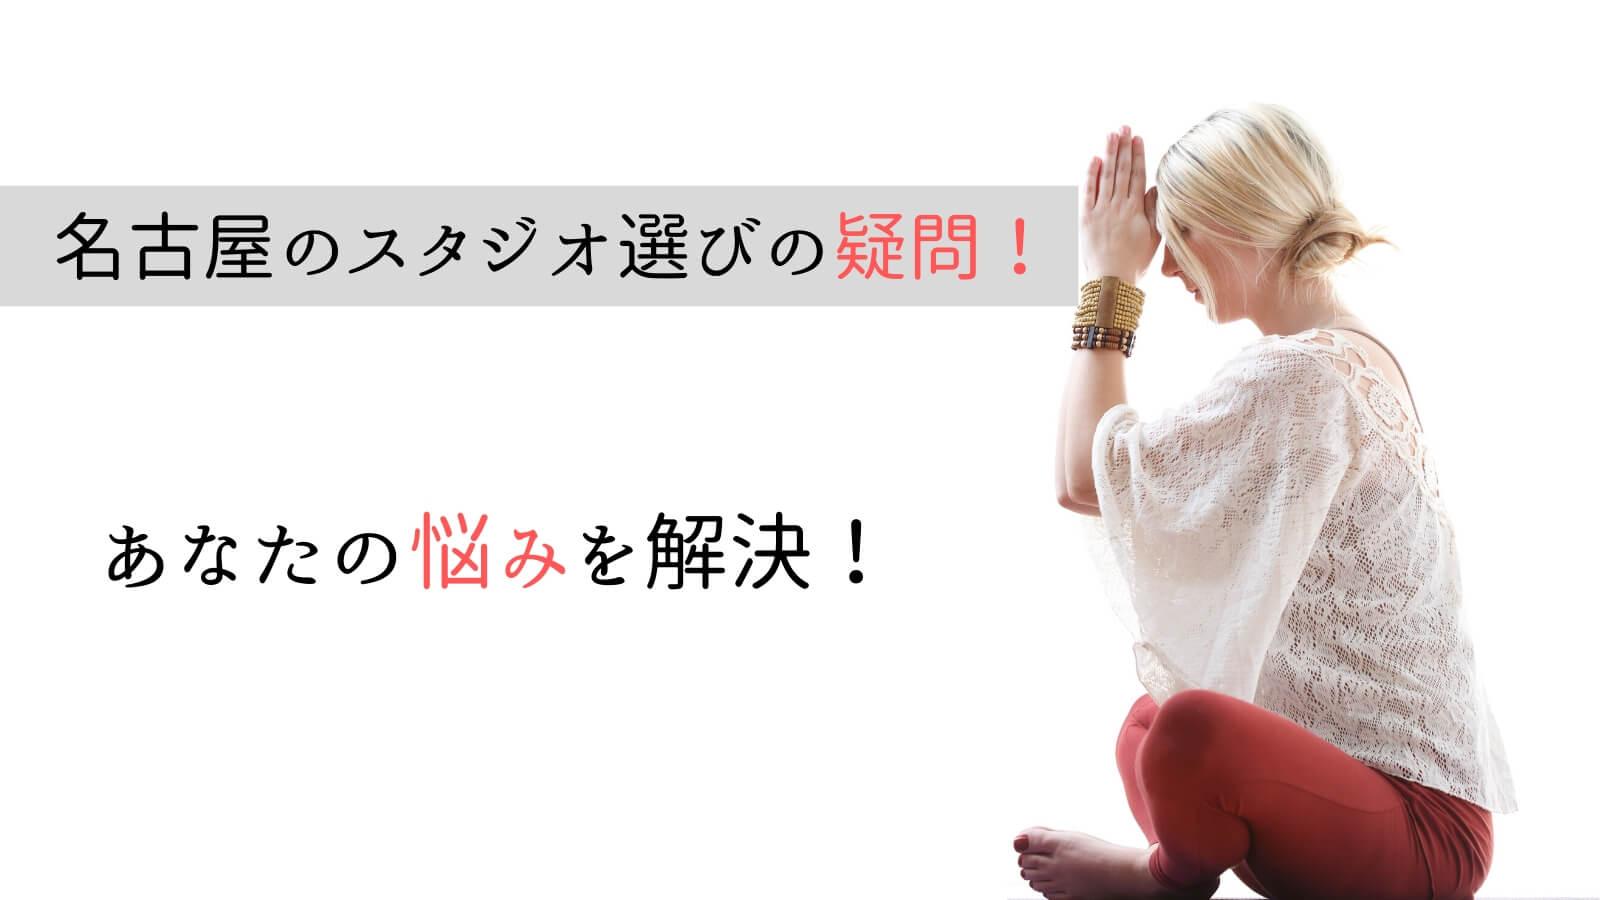 名古屋市でのピラティススタジオ選びに関するQ&A